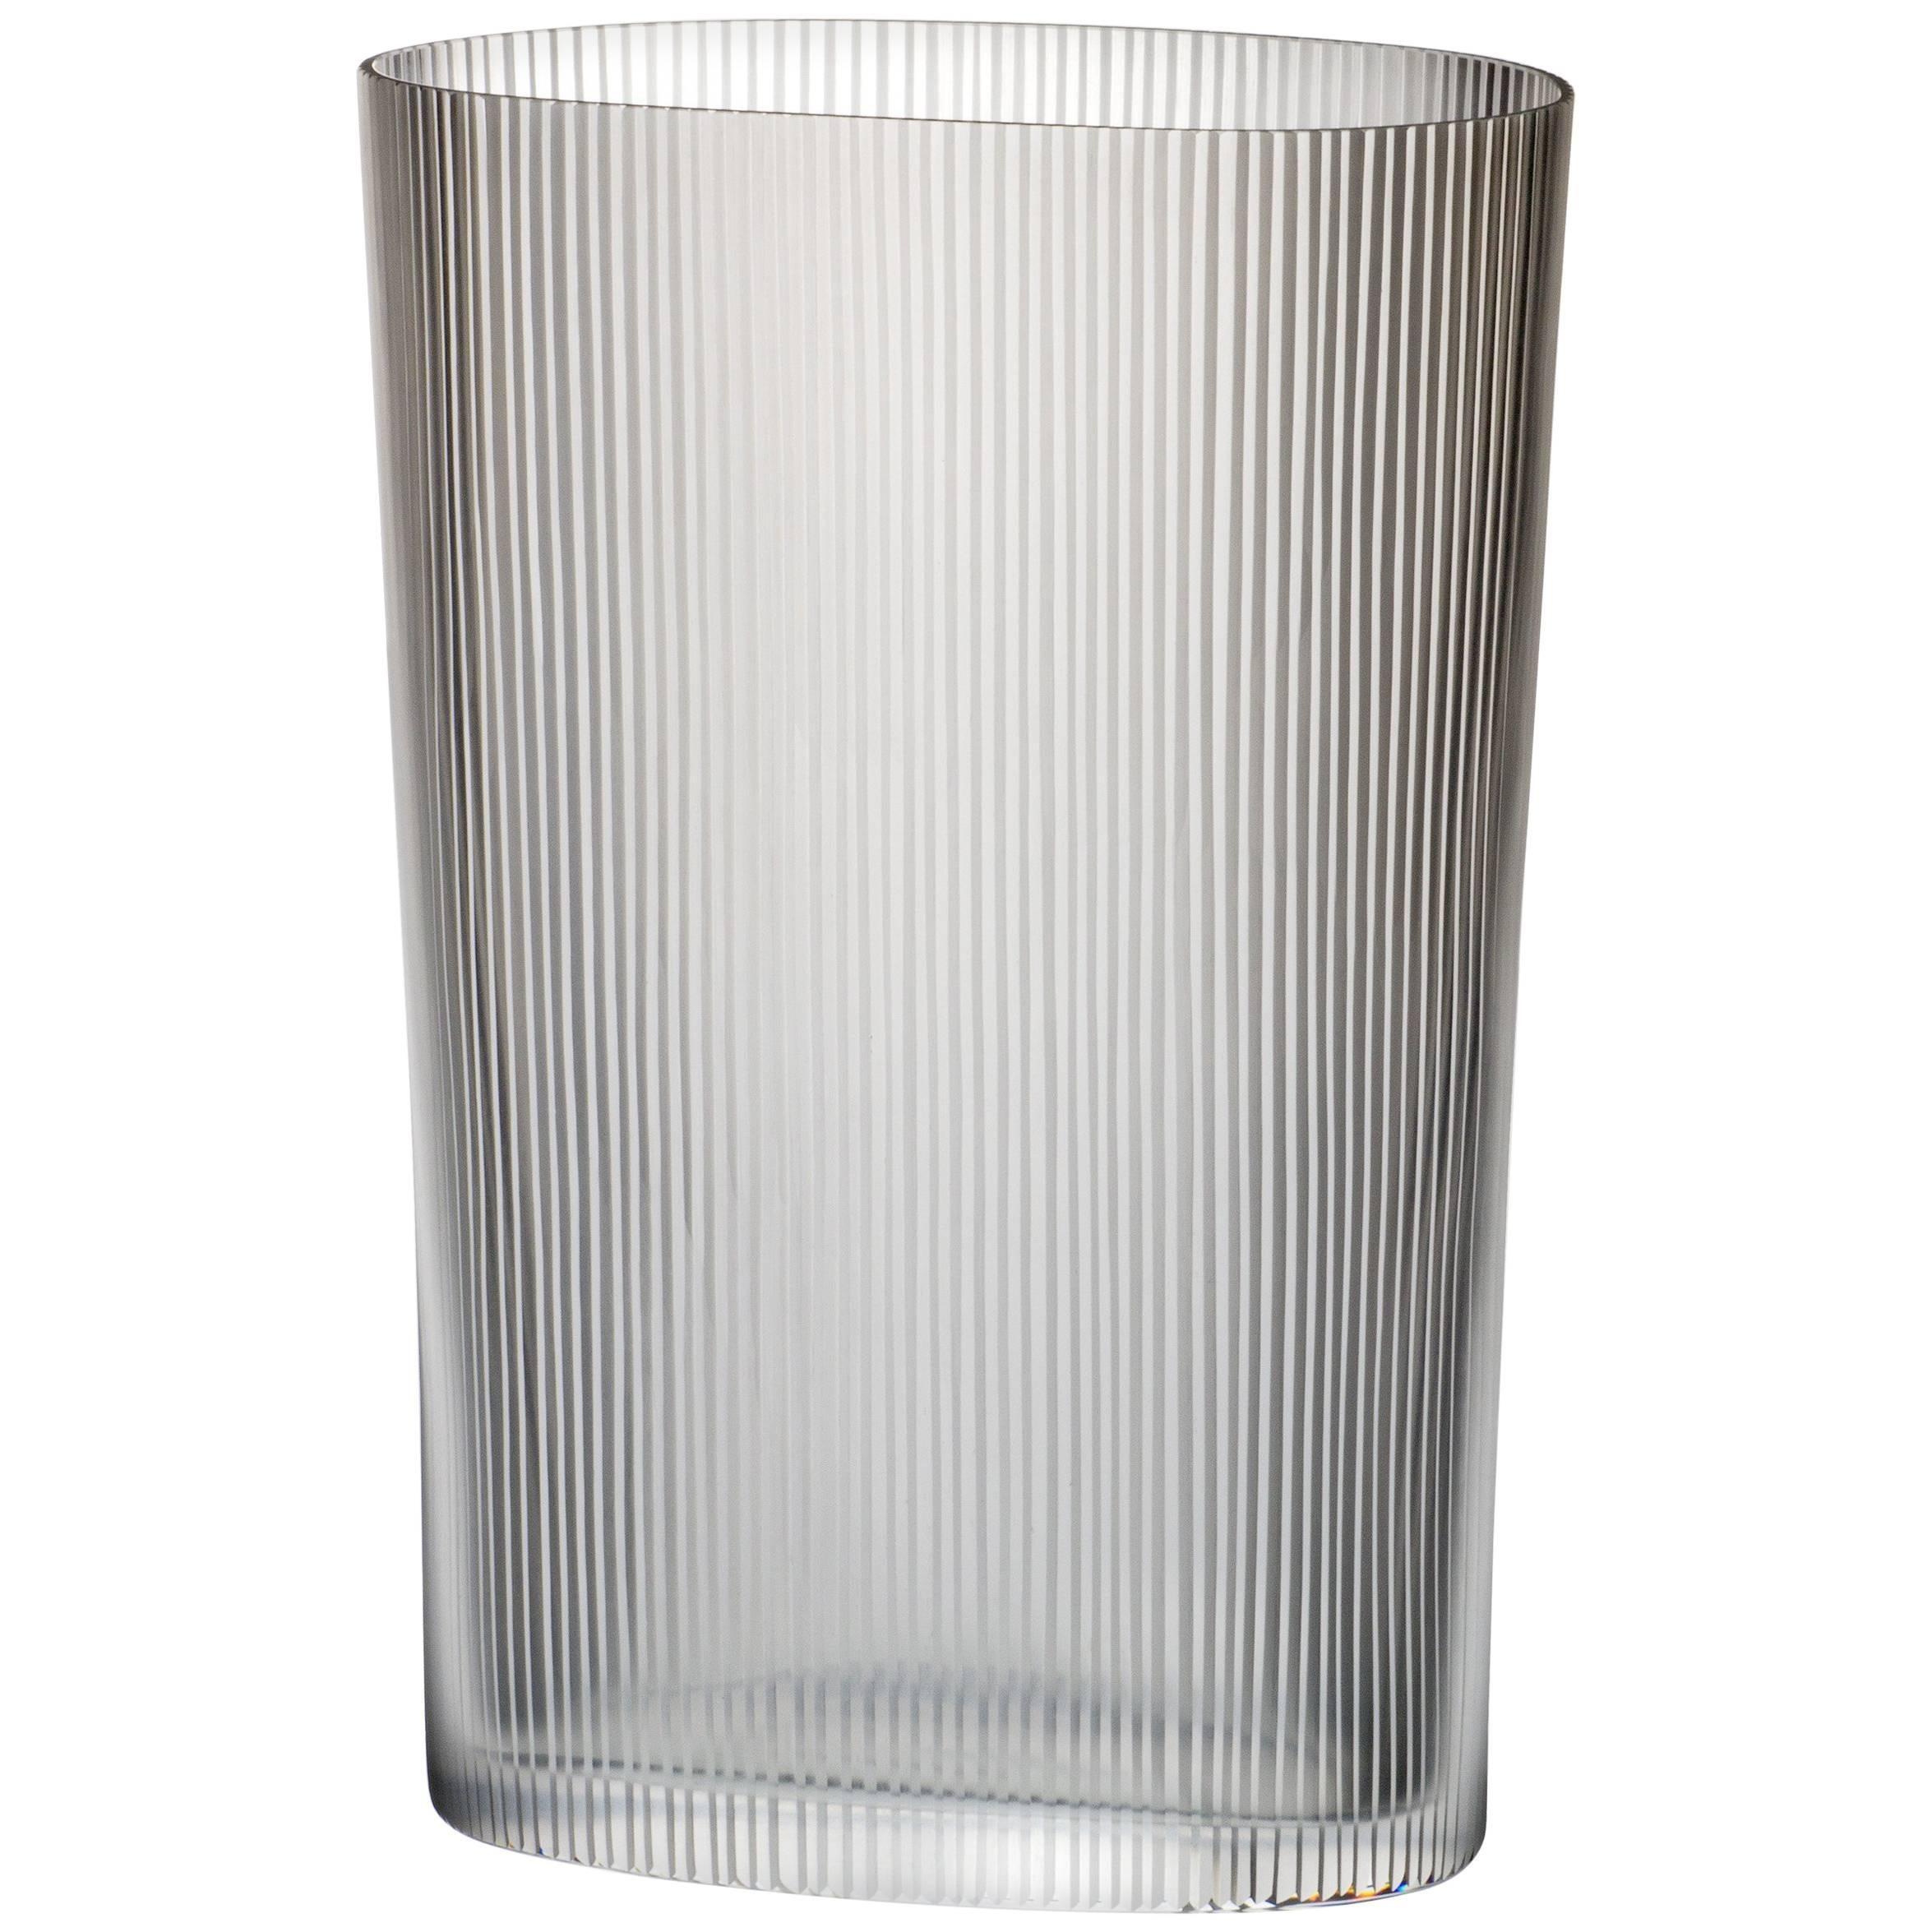 Ovale Millemolature Carlo Moretti Murano Contemporary Clear Glass Vase